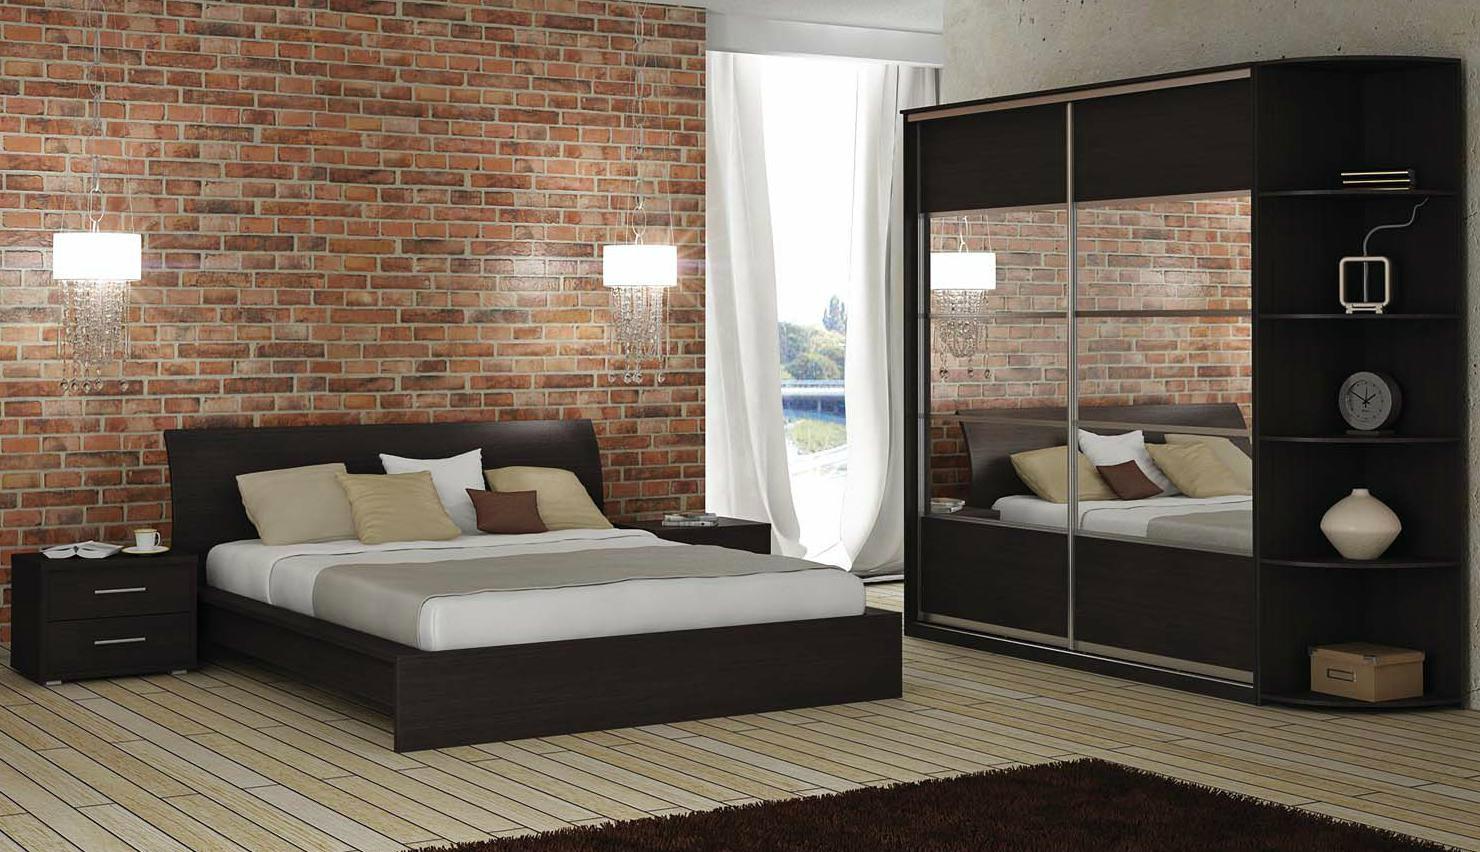 Купить спальный гарнитур. мебель гарнитур для спальни.